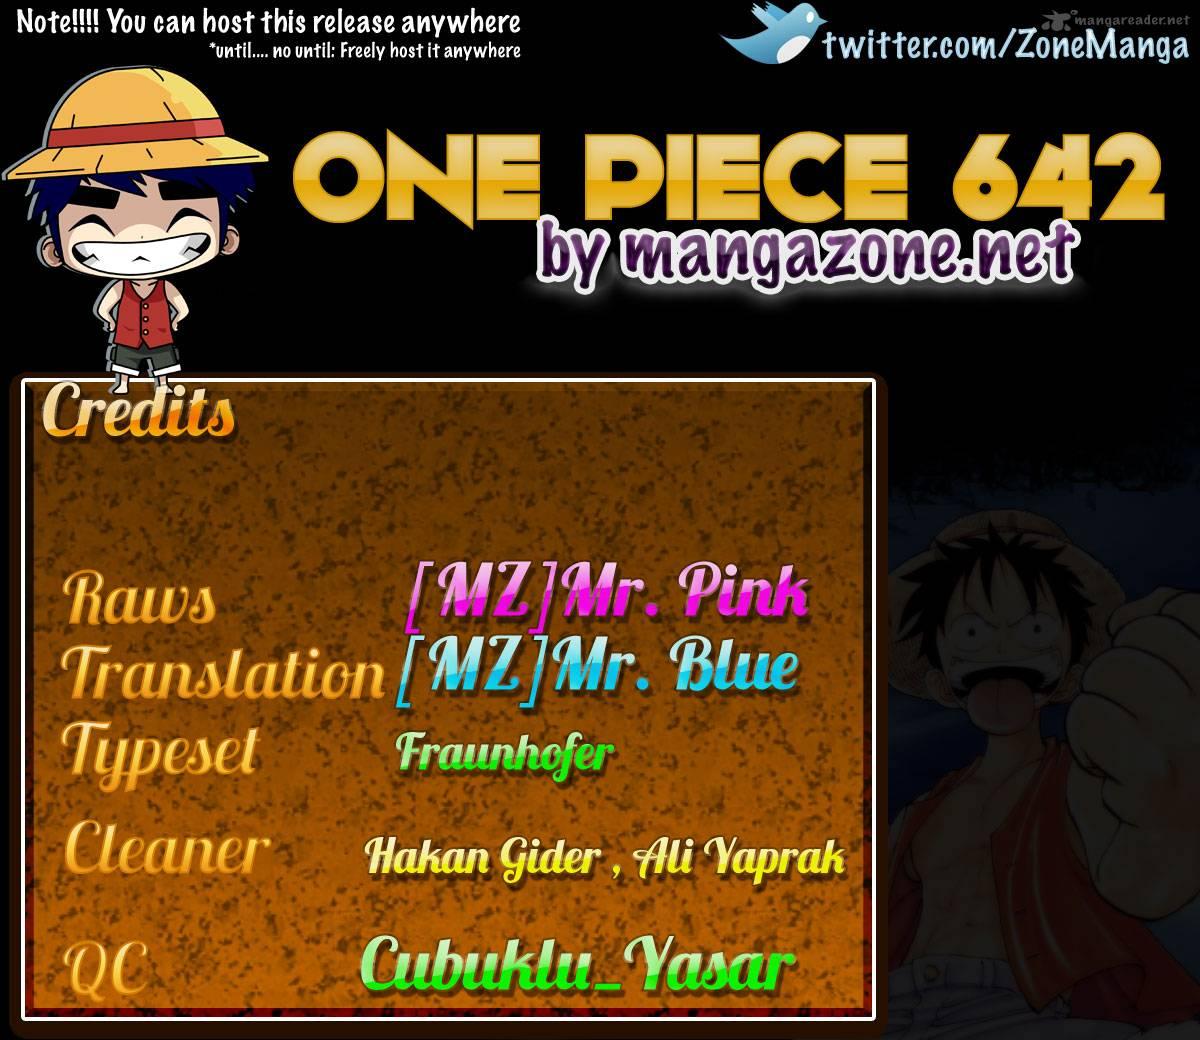 One Piece 642